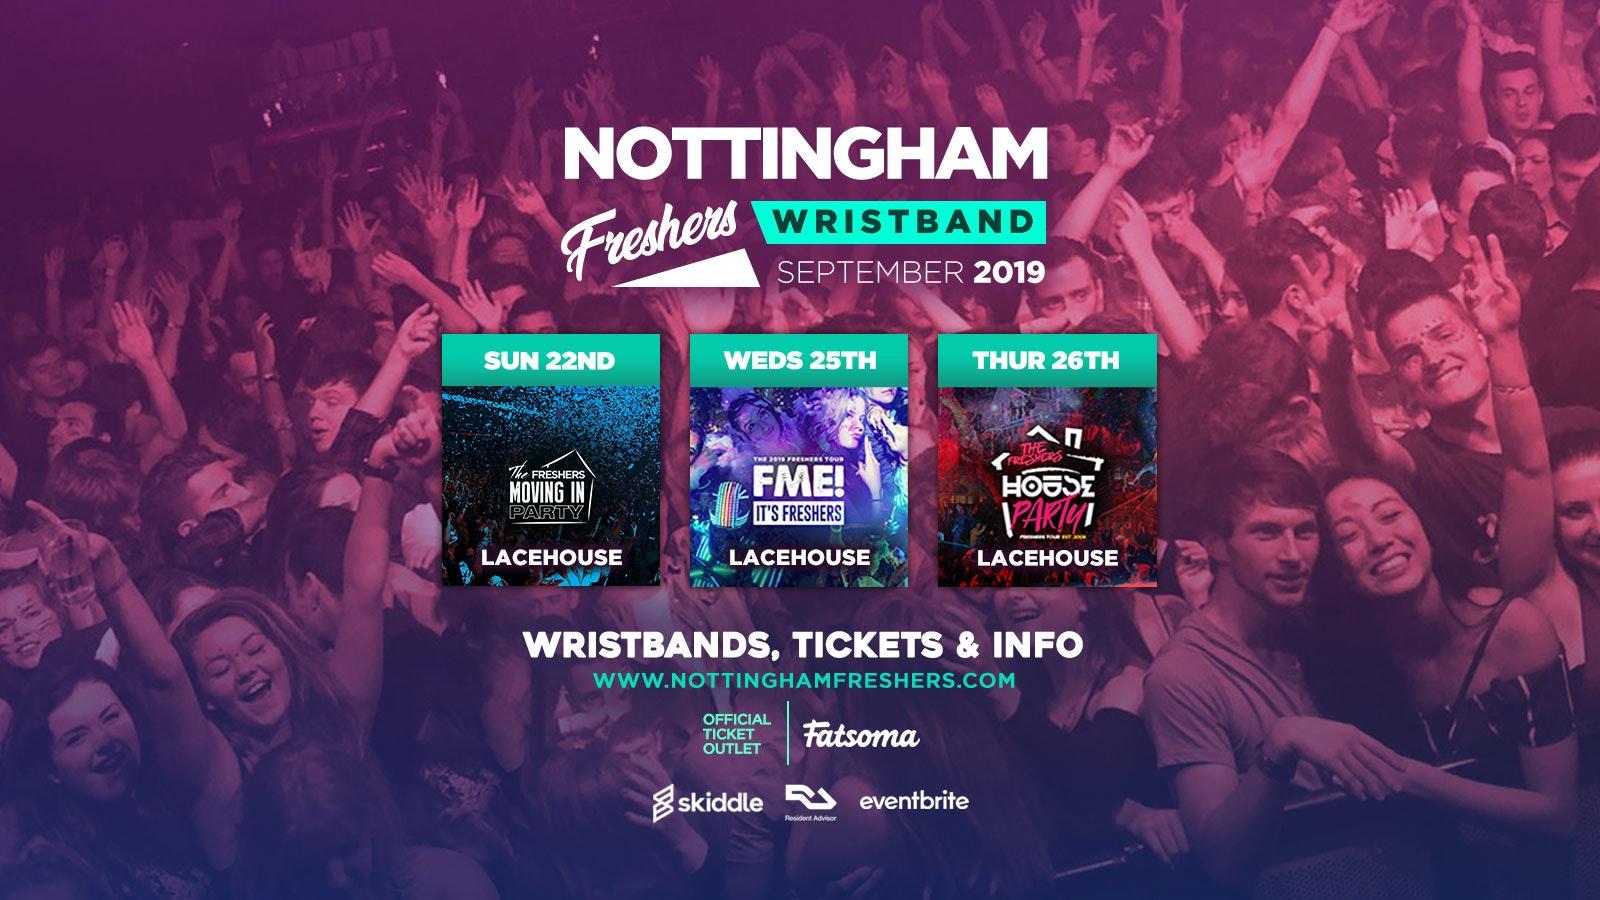 Nottingham Freshers Wristband 2019 ///